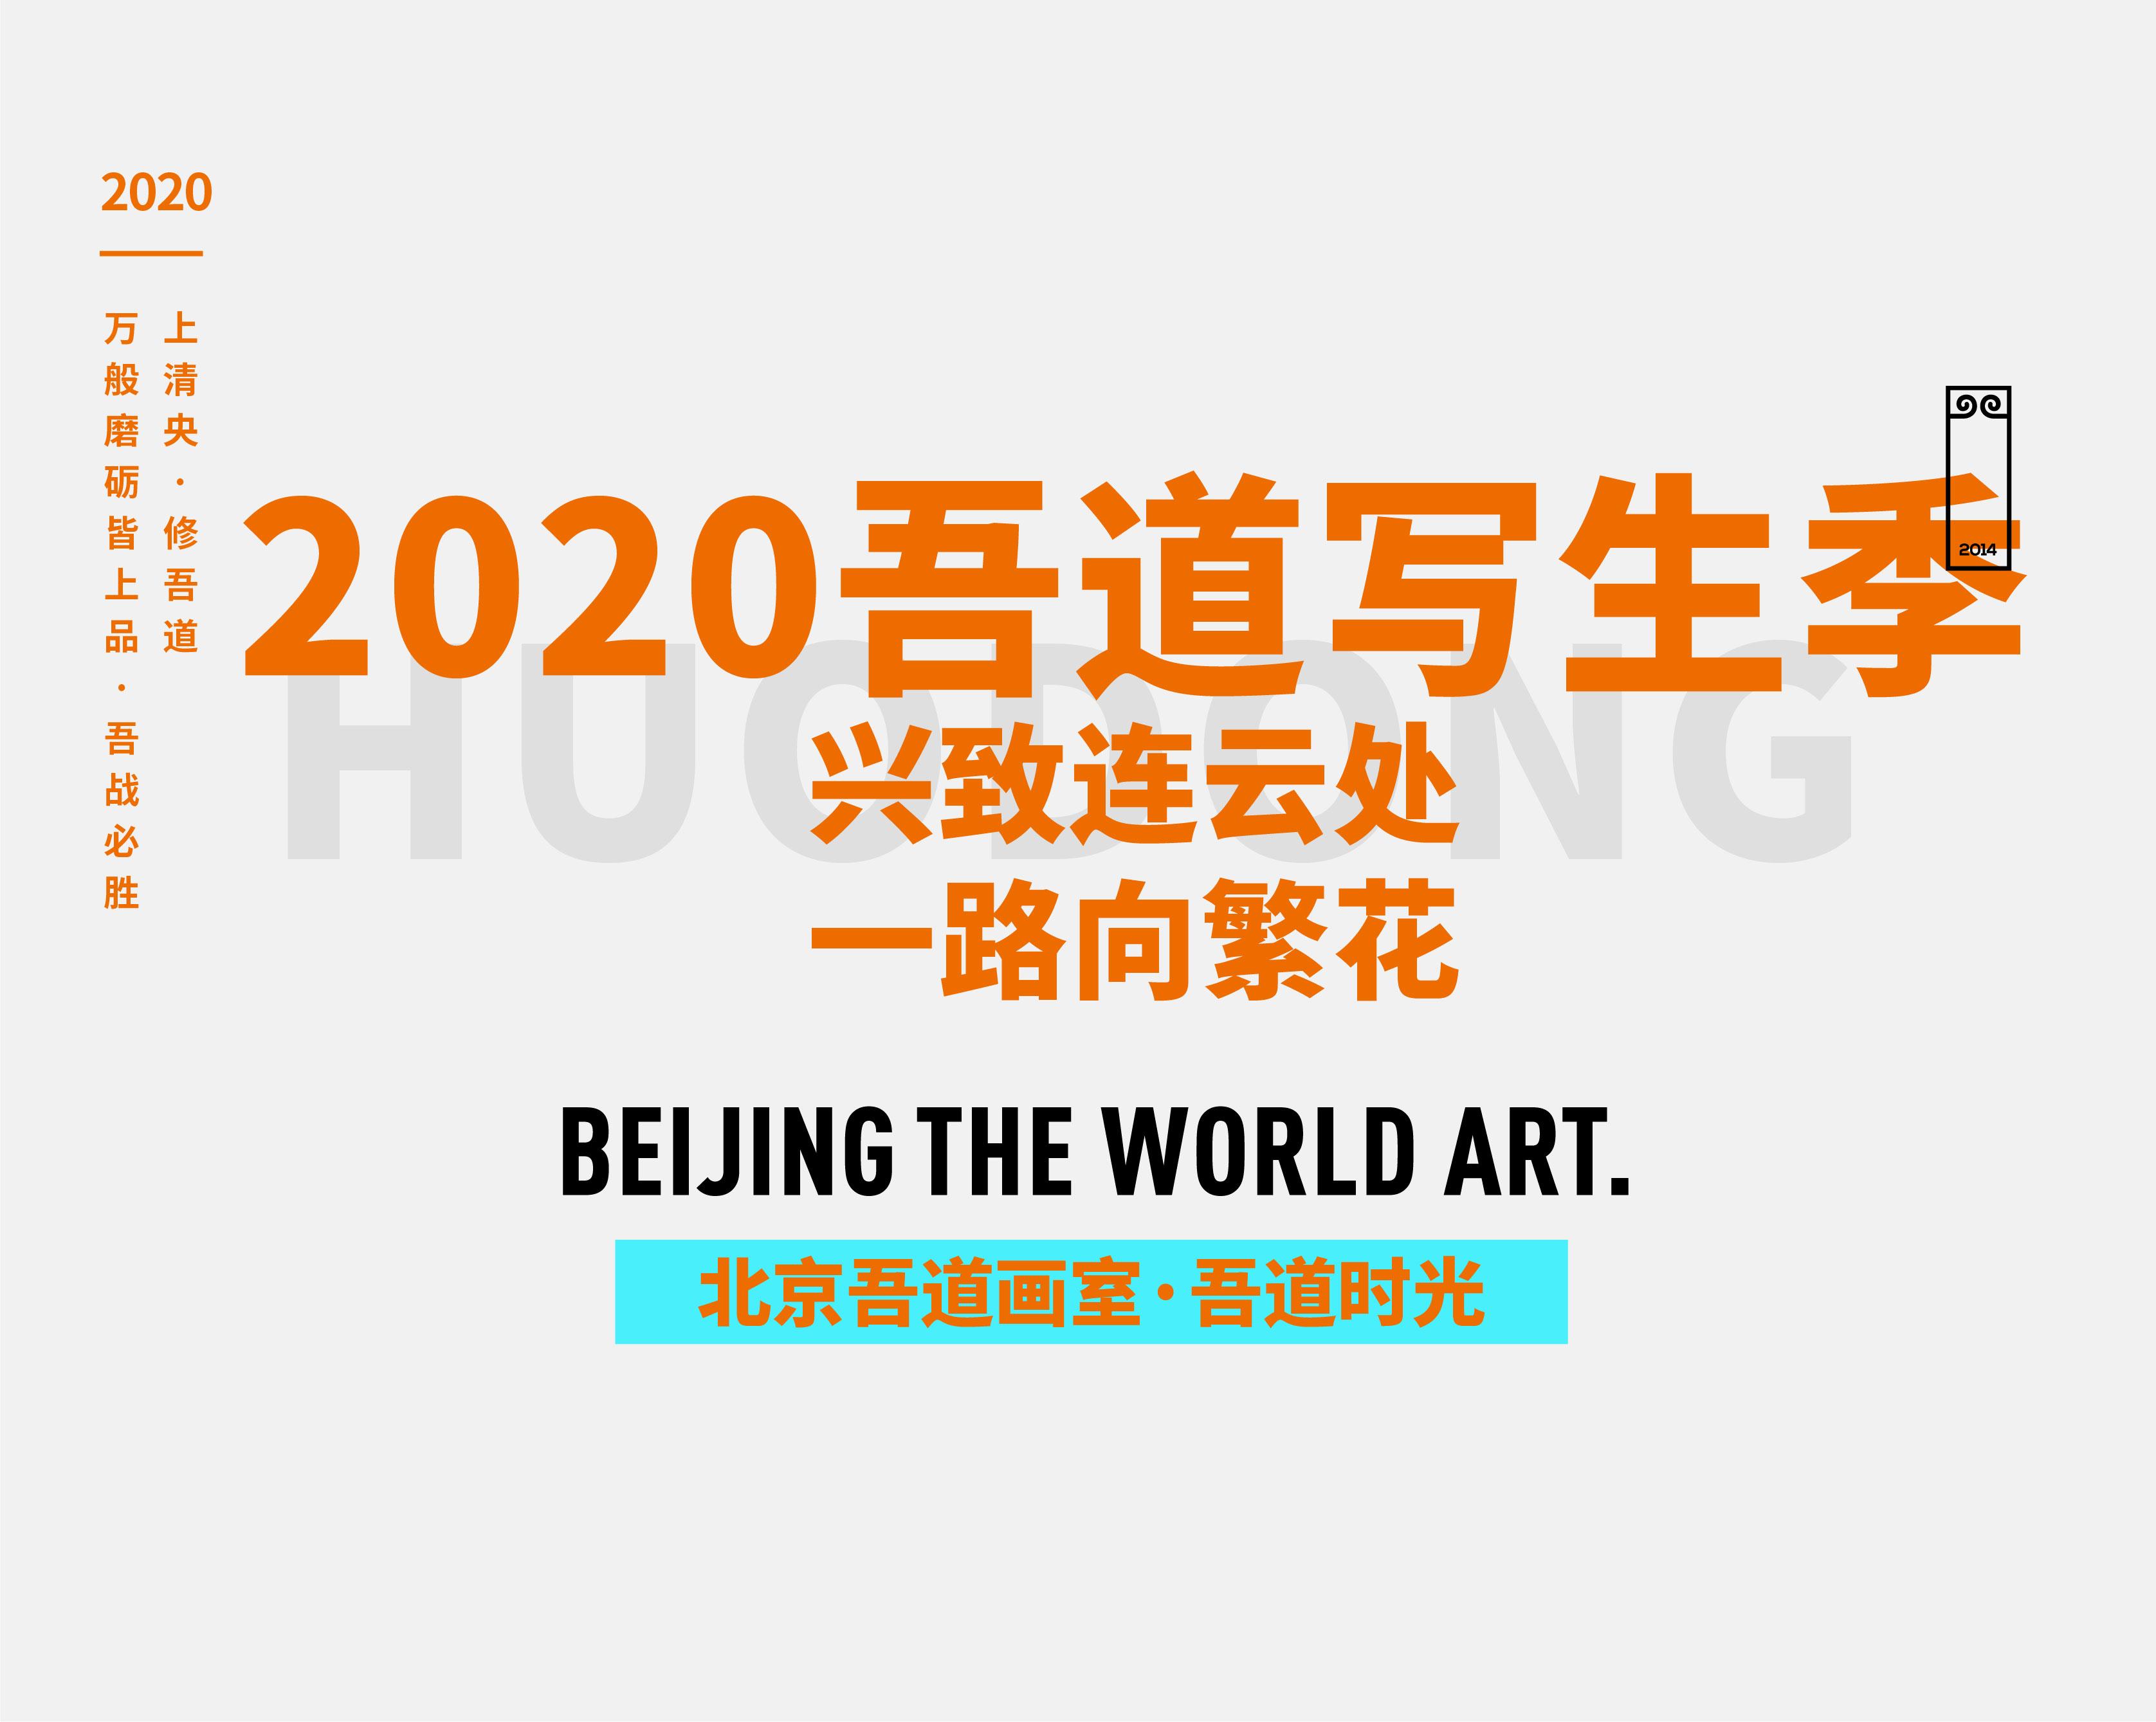 2020吾道连云港写生精彩回顾,兴至连云处,一路向繁花!